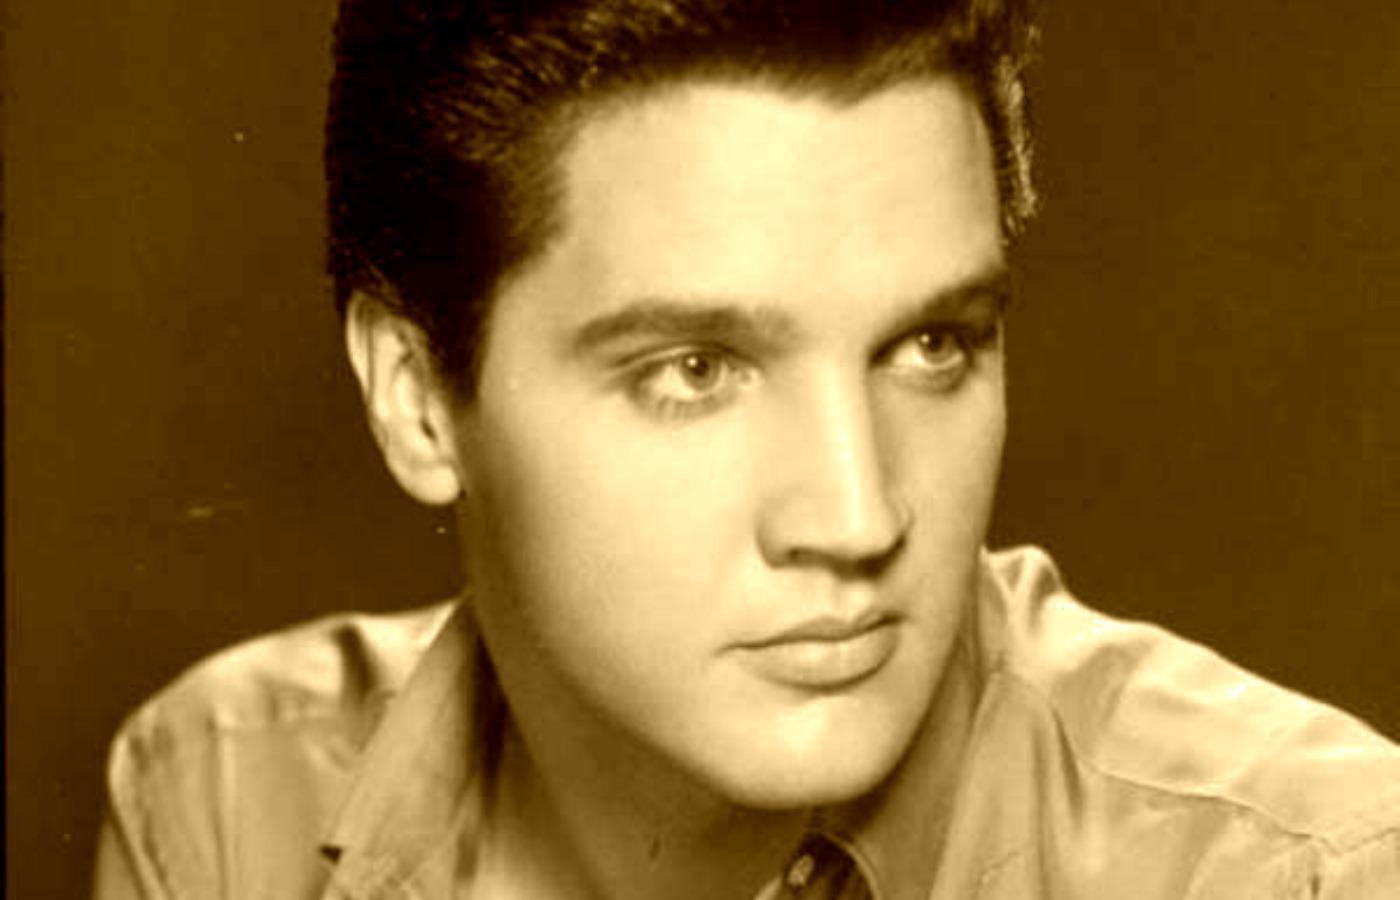 Elvis Presley young